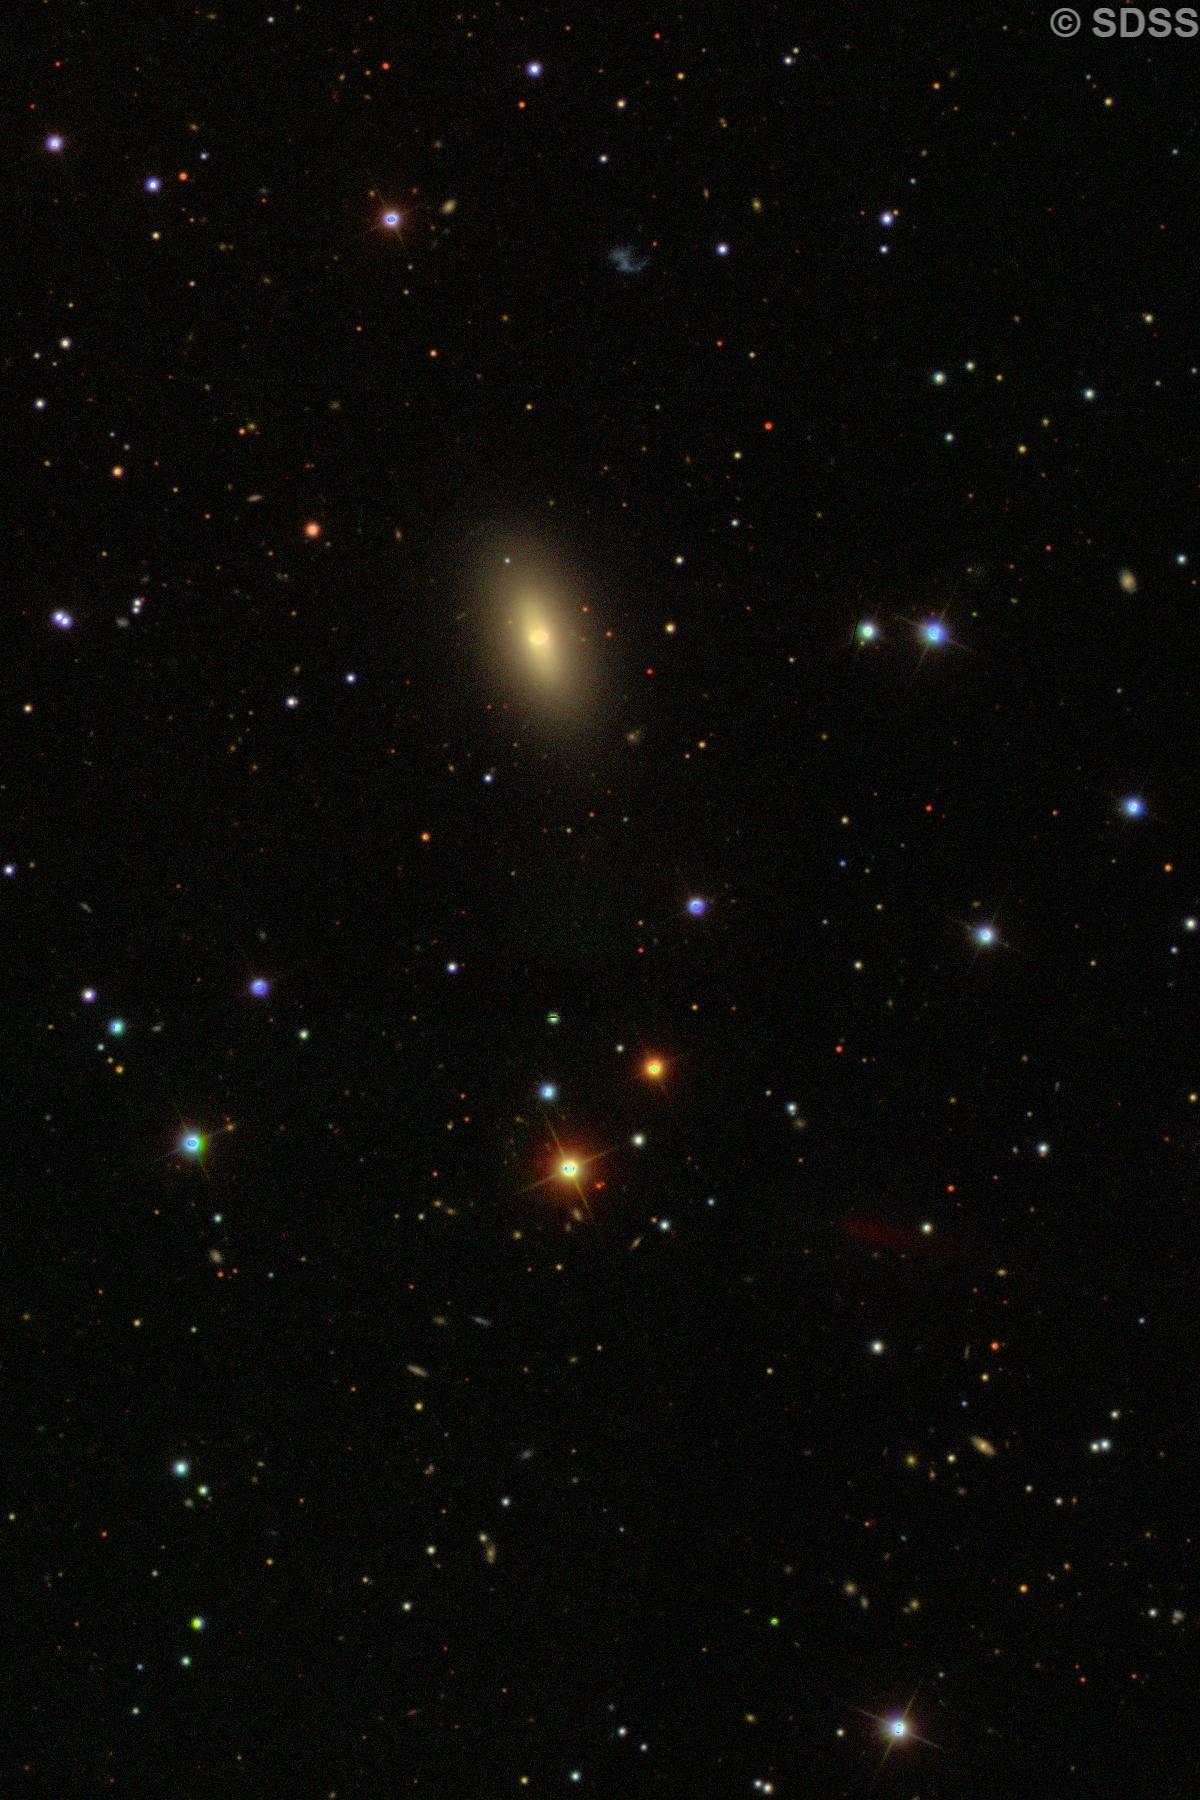 NGC 16